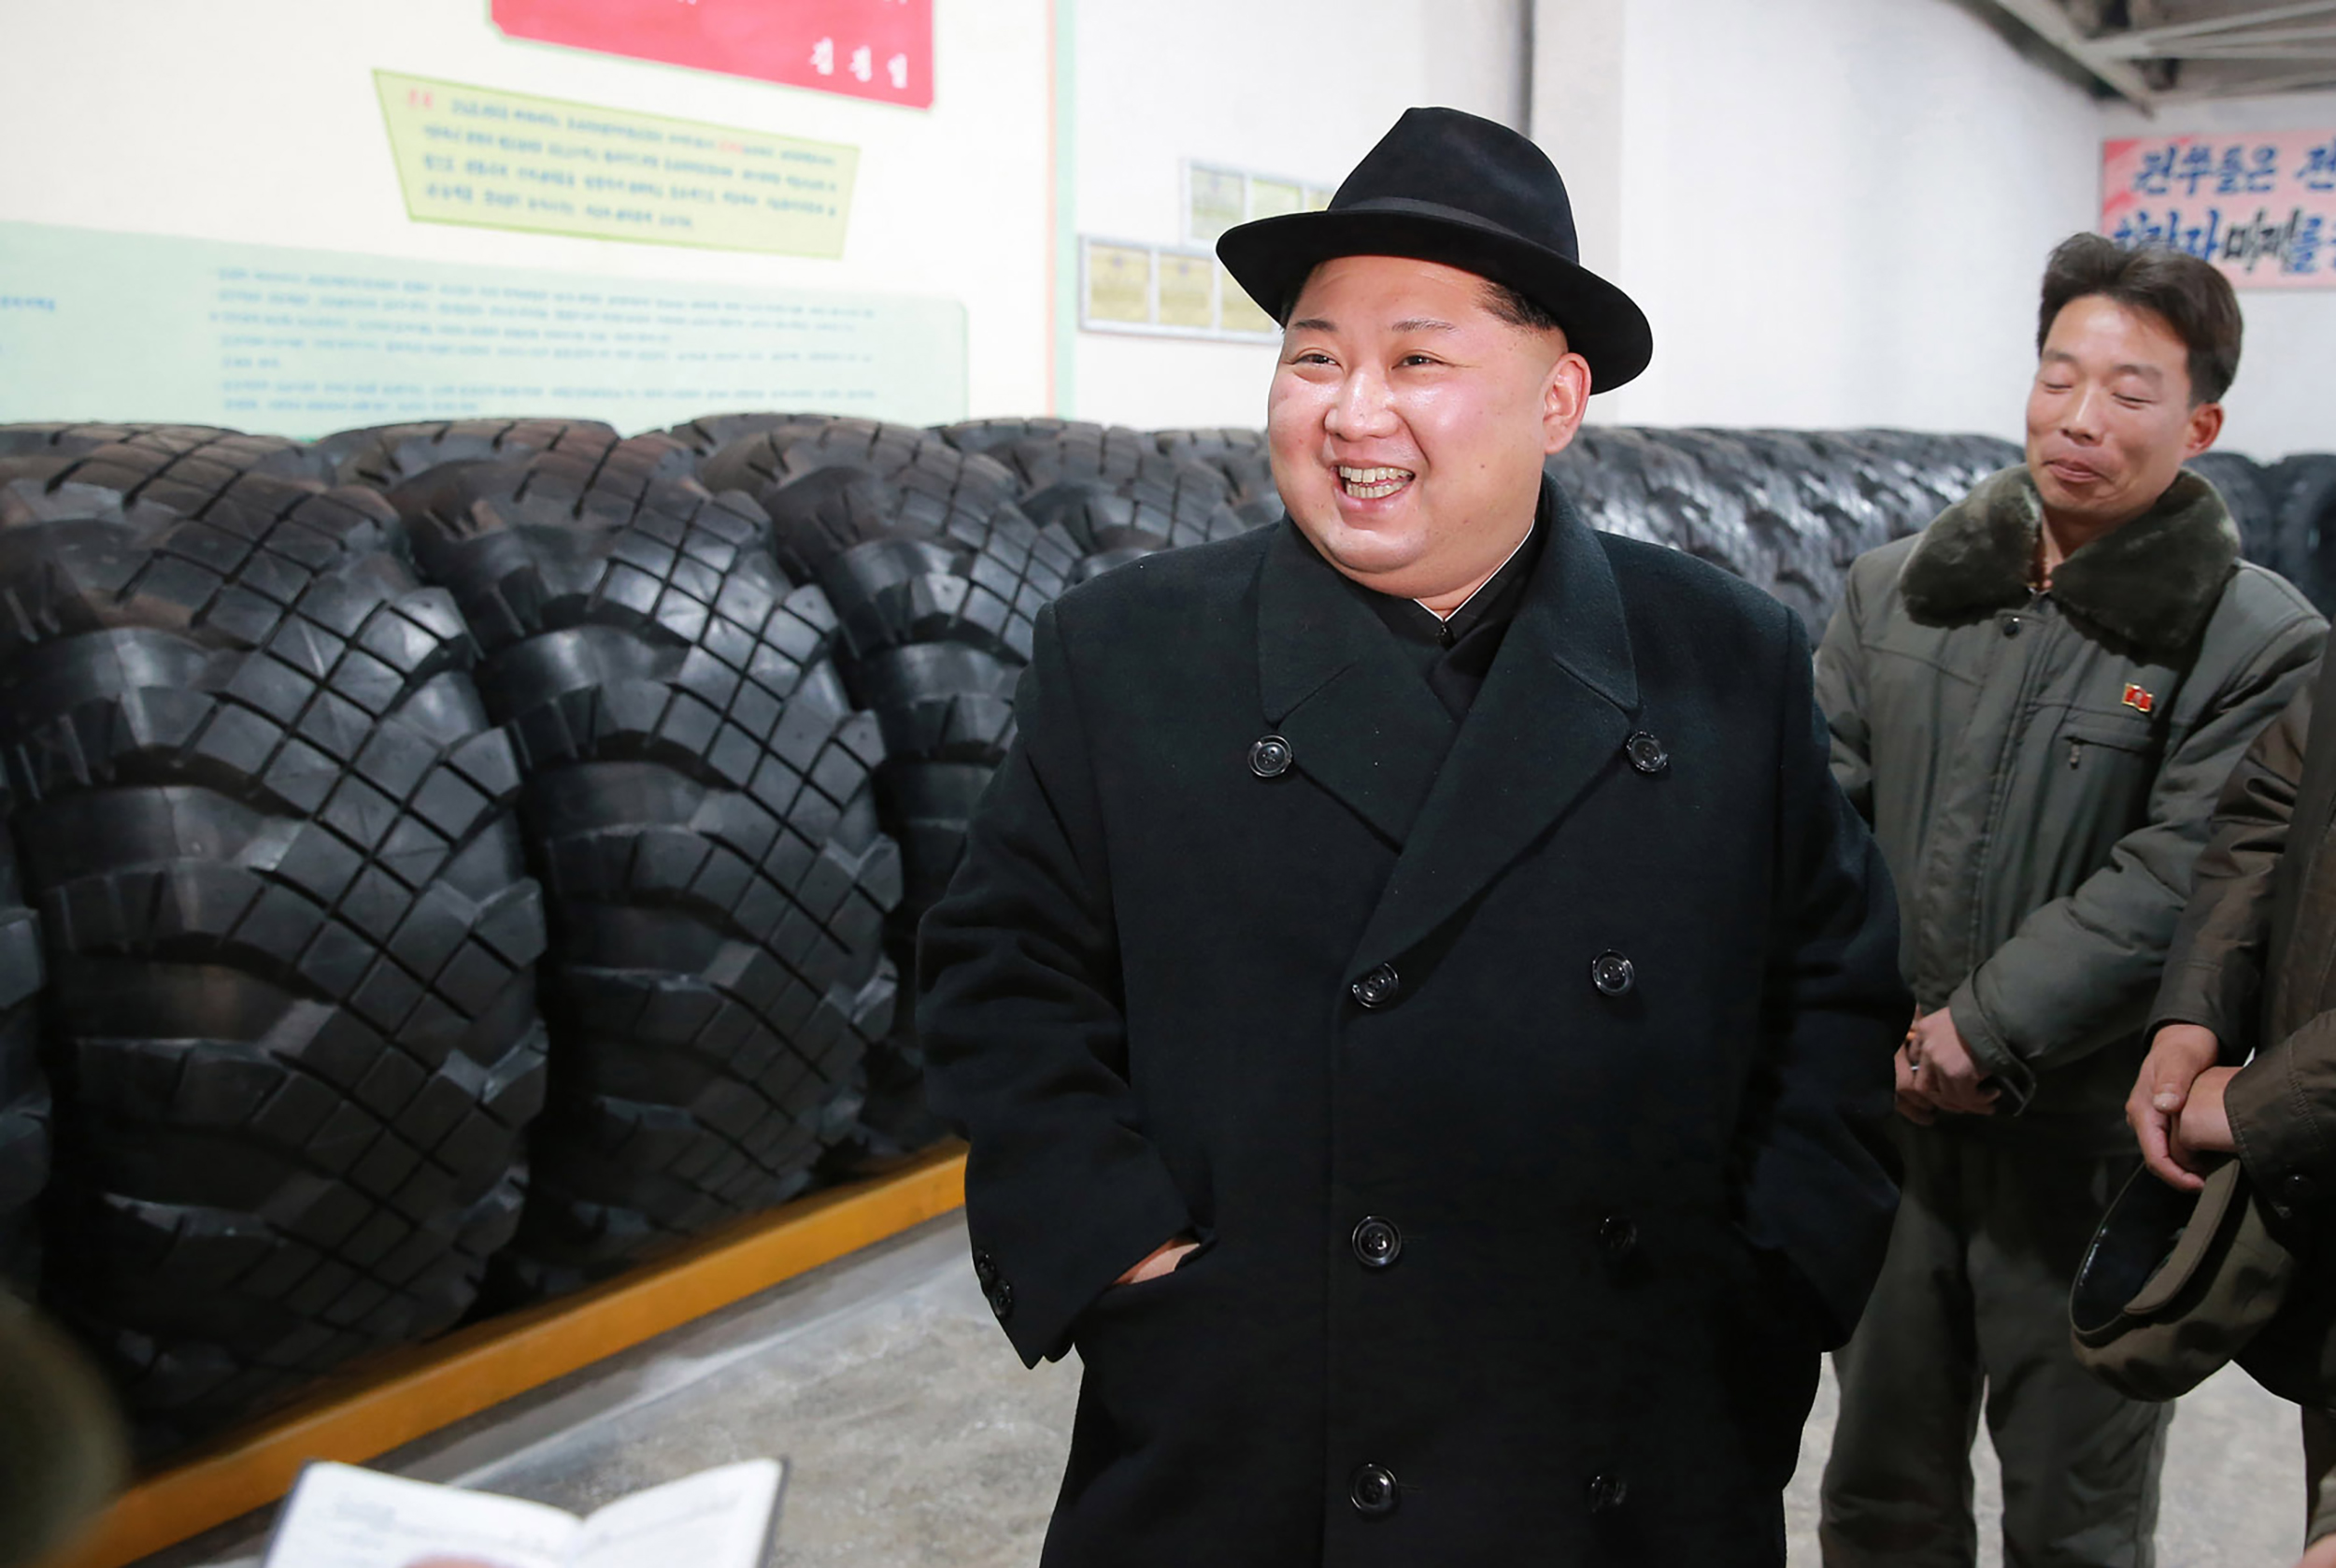 Észak-Korea megfenyegetett minden országot, ami támogatja az ellene hozott legújabb szankciókat